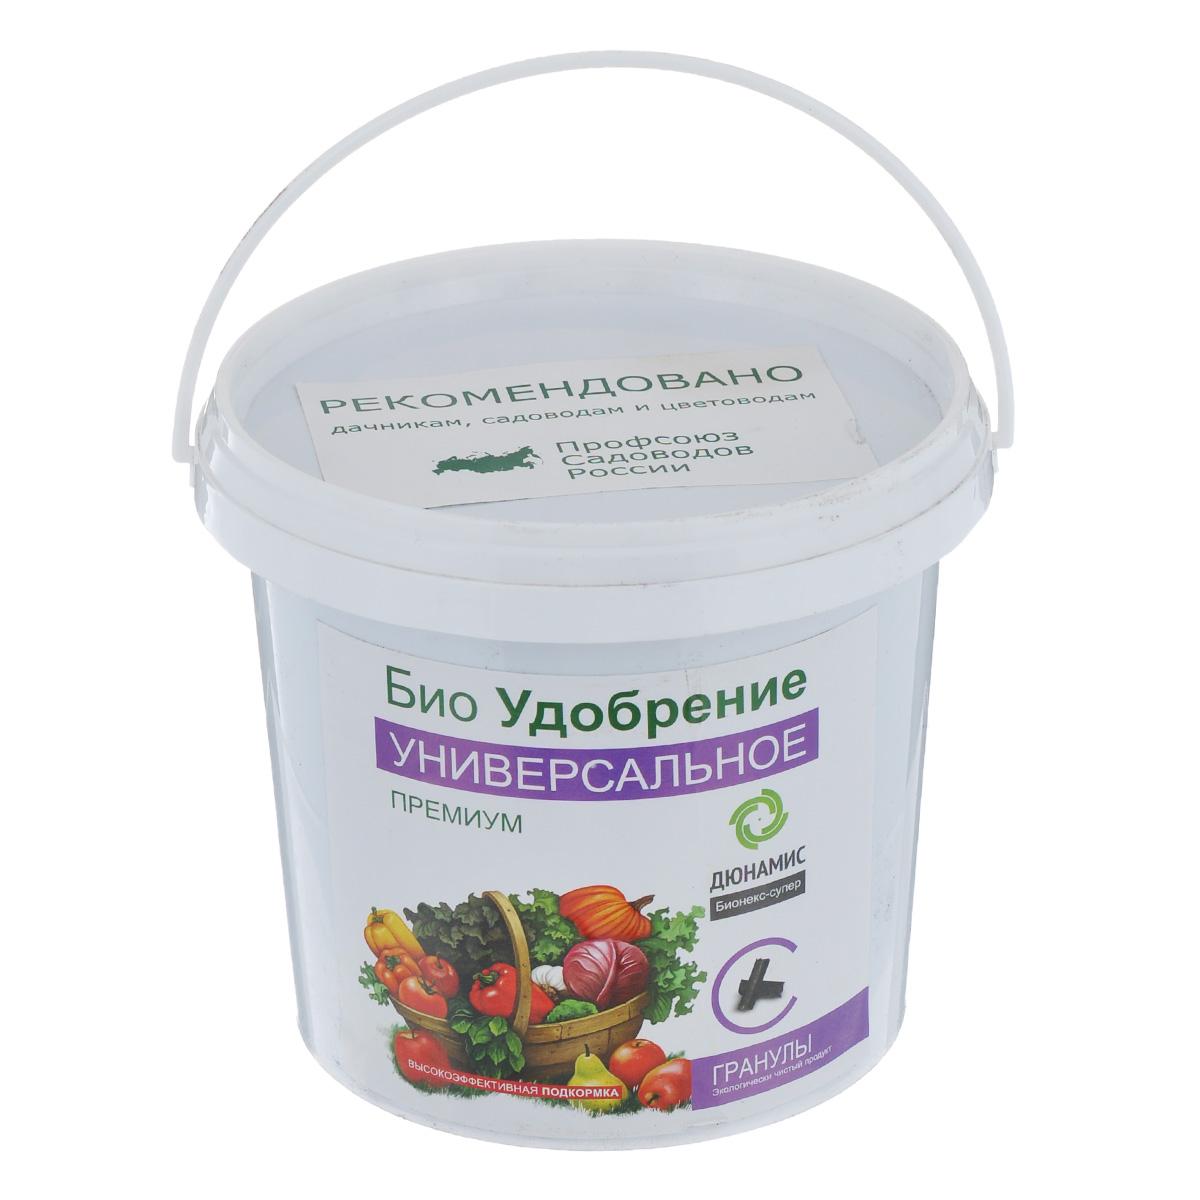 Био-удобрение Дюнамис Универсальное Премиум, в гранулах, 1 л0703-гУниверсальное био-удобрение Дюнамис - это гранулированное удобрение с веществами в хелатной форме. Обладает лёгким запахом. Способствует увеличению урожайности до 53% и улучшению вкусовых и качественных показателей плодов. Благодаря такому удобрению, повышается сопротивляемость к заболеваниям, также это эффективная помощь при дефиците питания и влаги. Универсальное био-удобрение Дюнамис обеспечивает обильное и длительное цветение, повышение силы растений. Варианты применения: - в лунку при посадке; - сухие корневые подкормки; - жидкие корневые подкормки. Состав: ферментированный навоз КРС, помет, биокатализатор. Объем: 1 л. Товар сертифицирован.